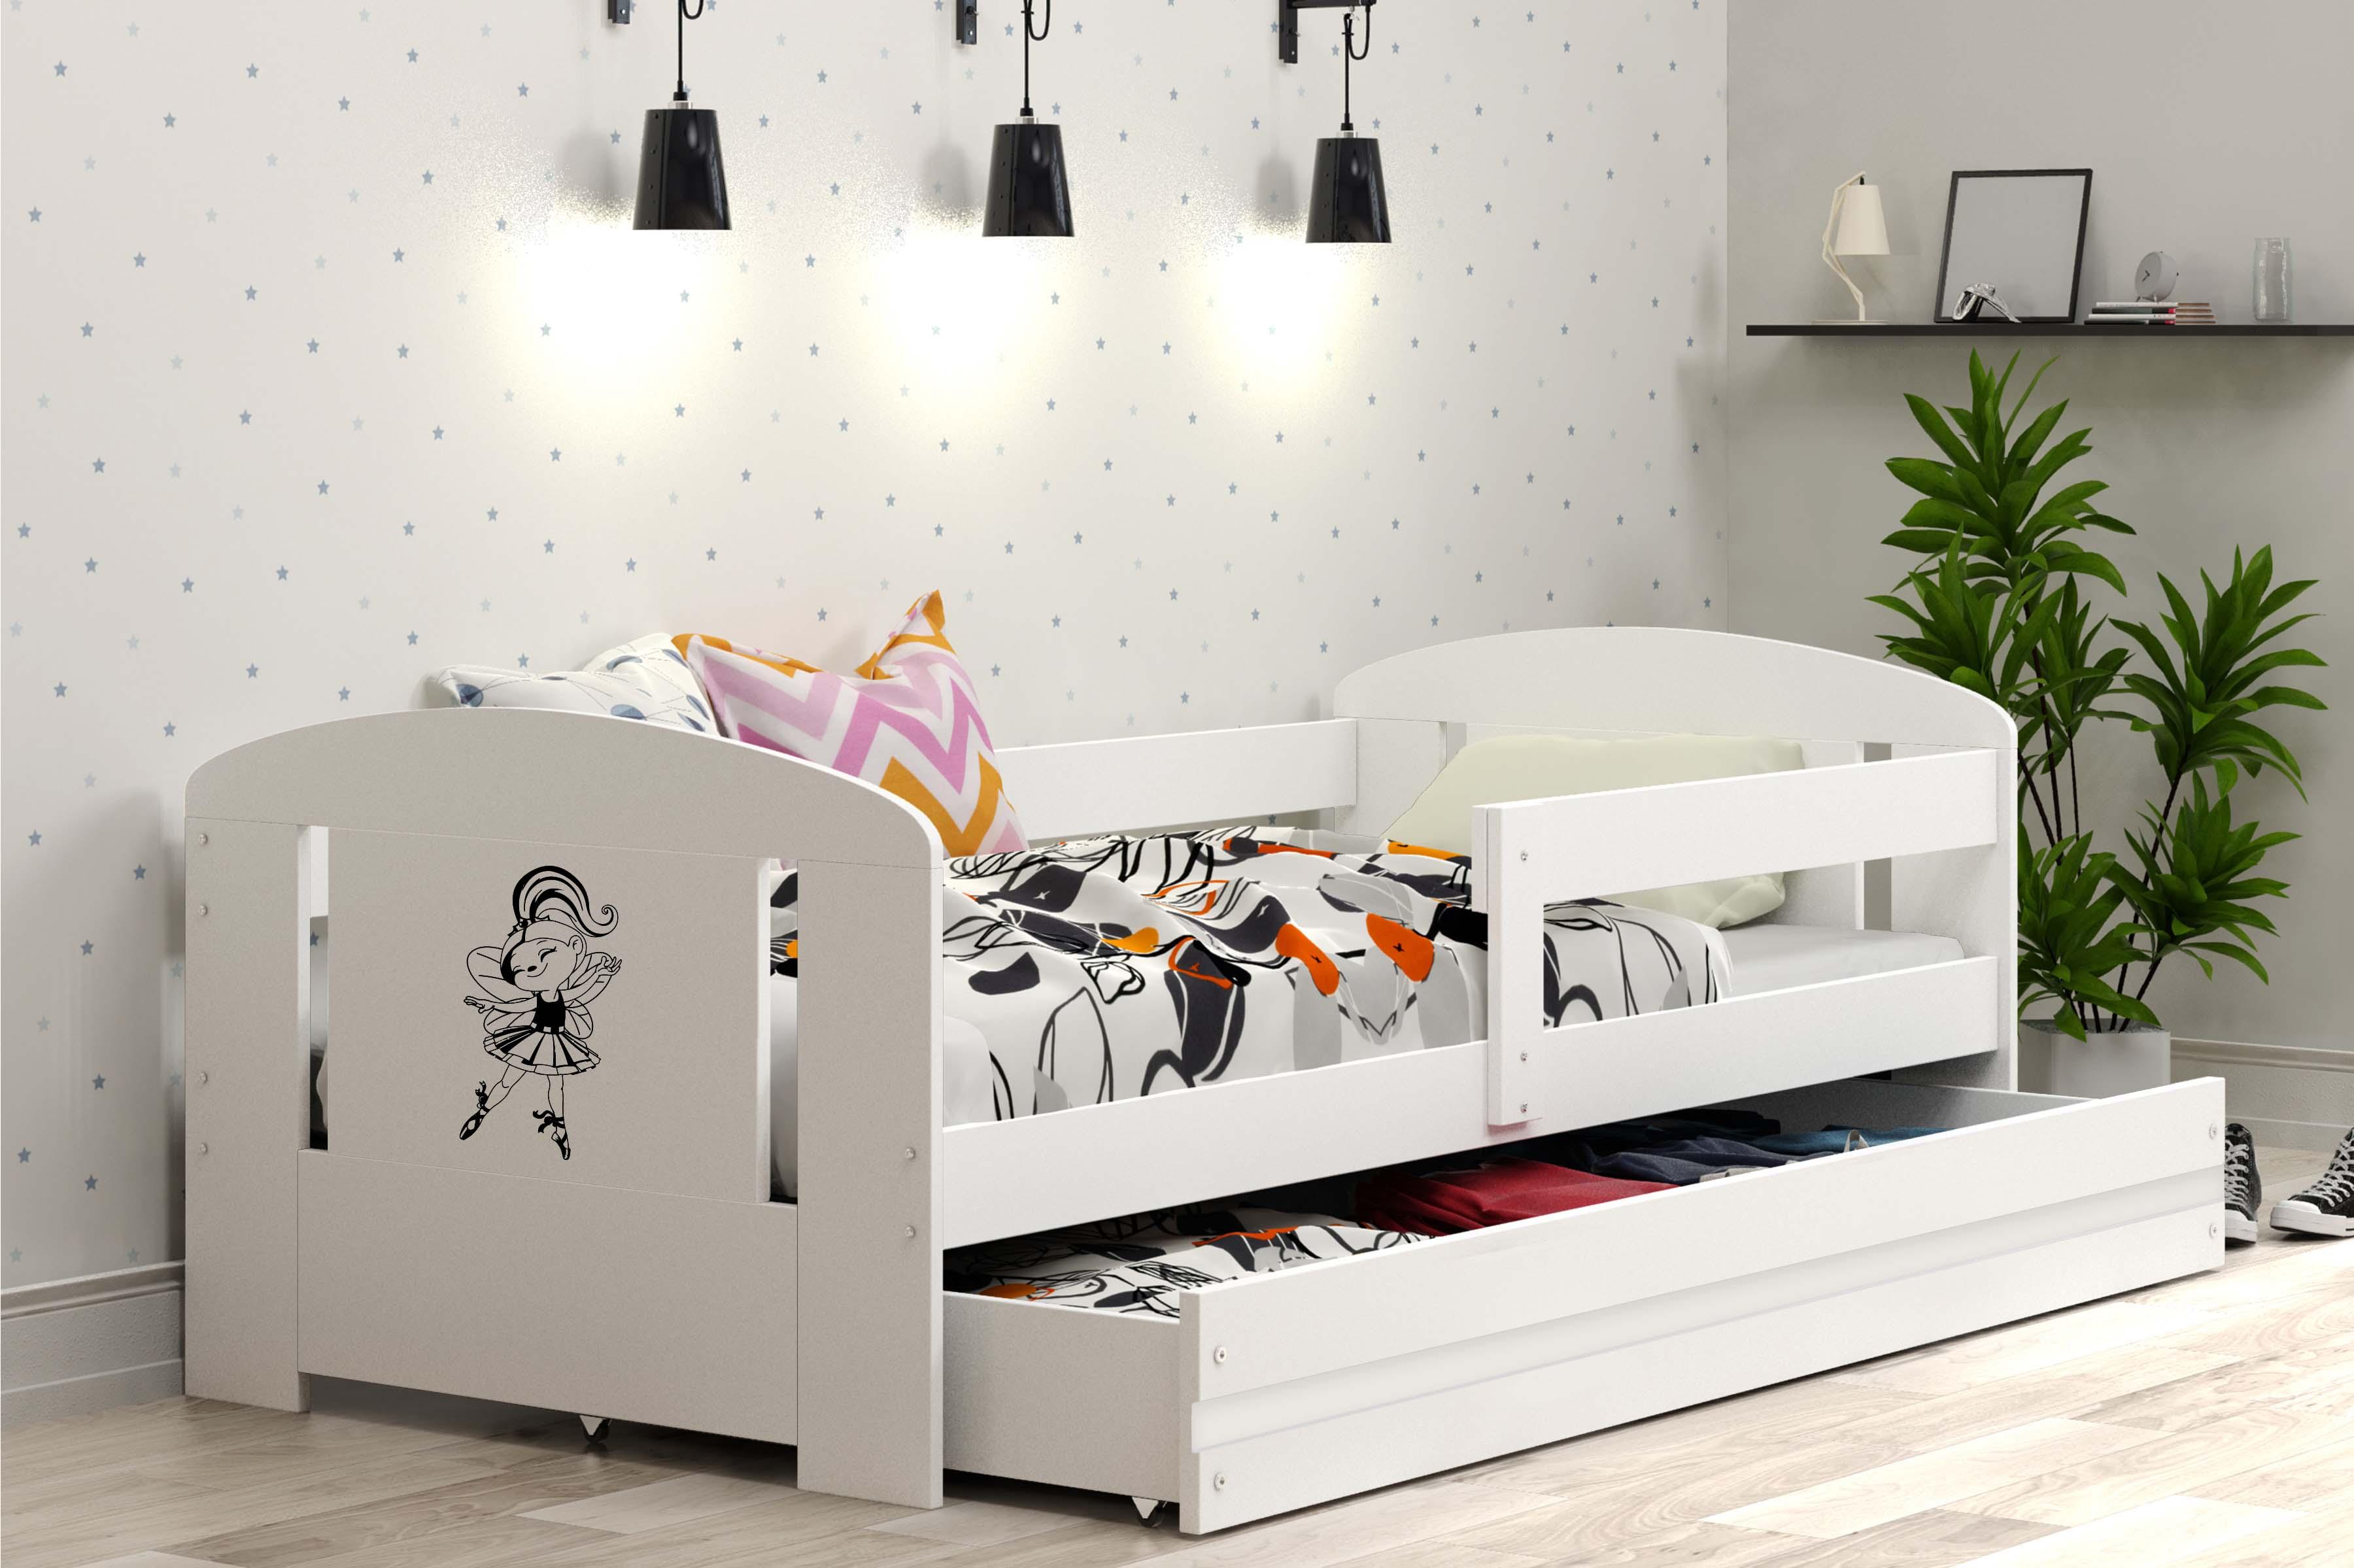 Купить недорого односпальную кровать